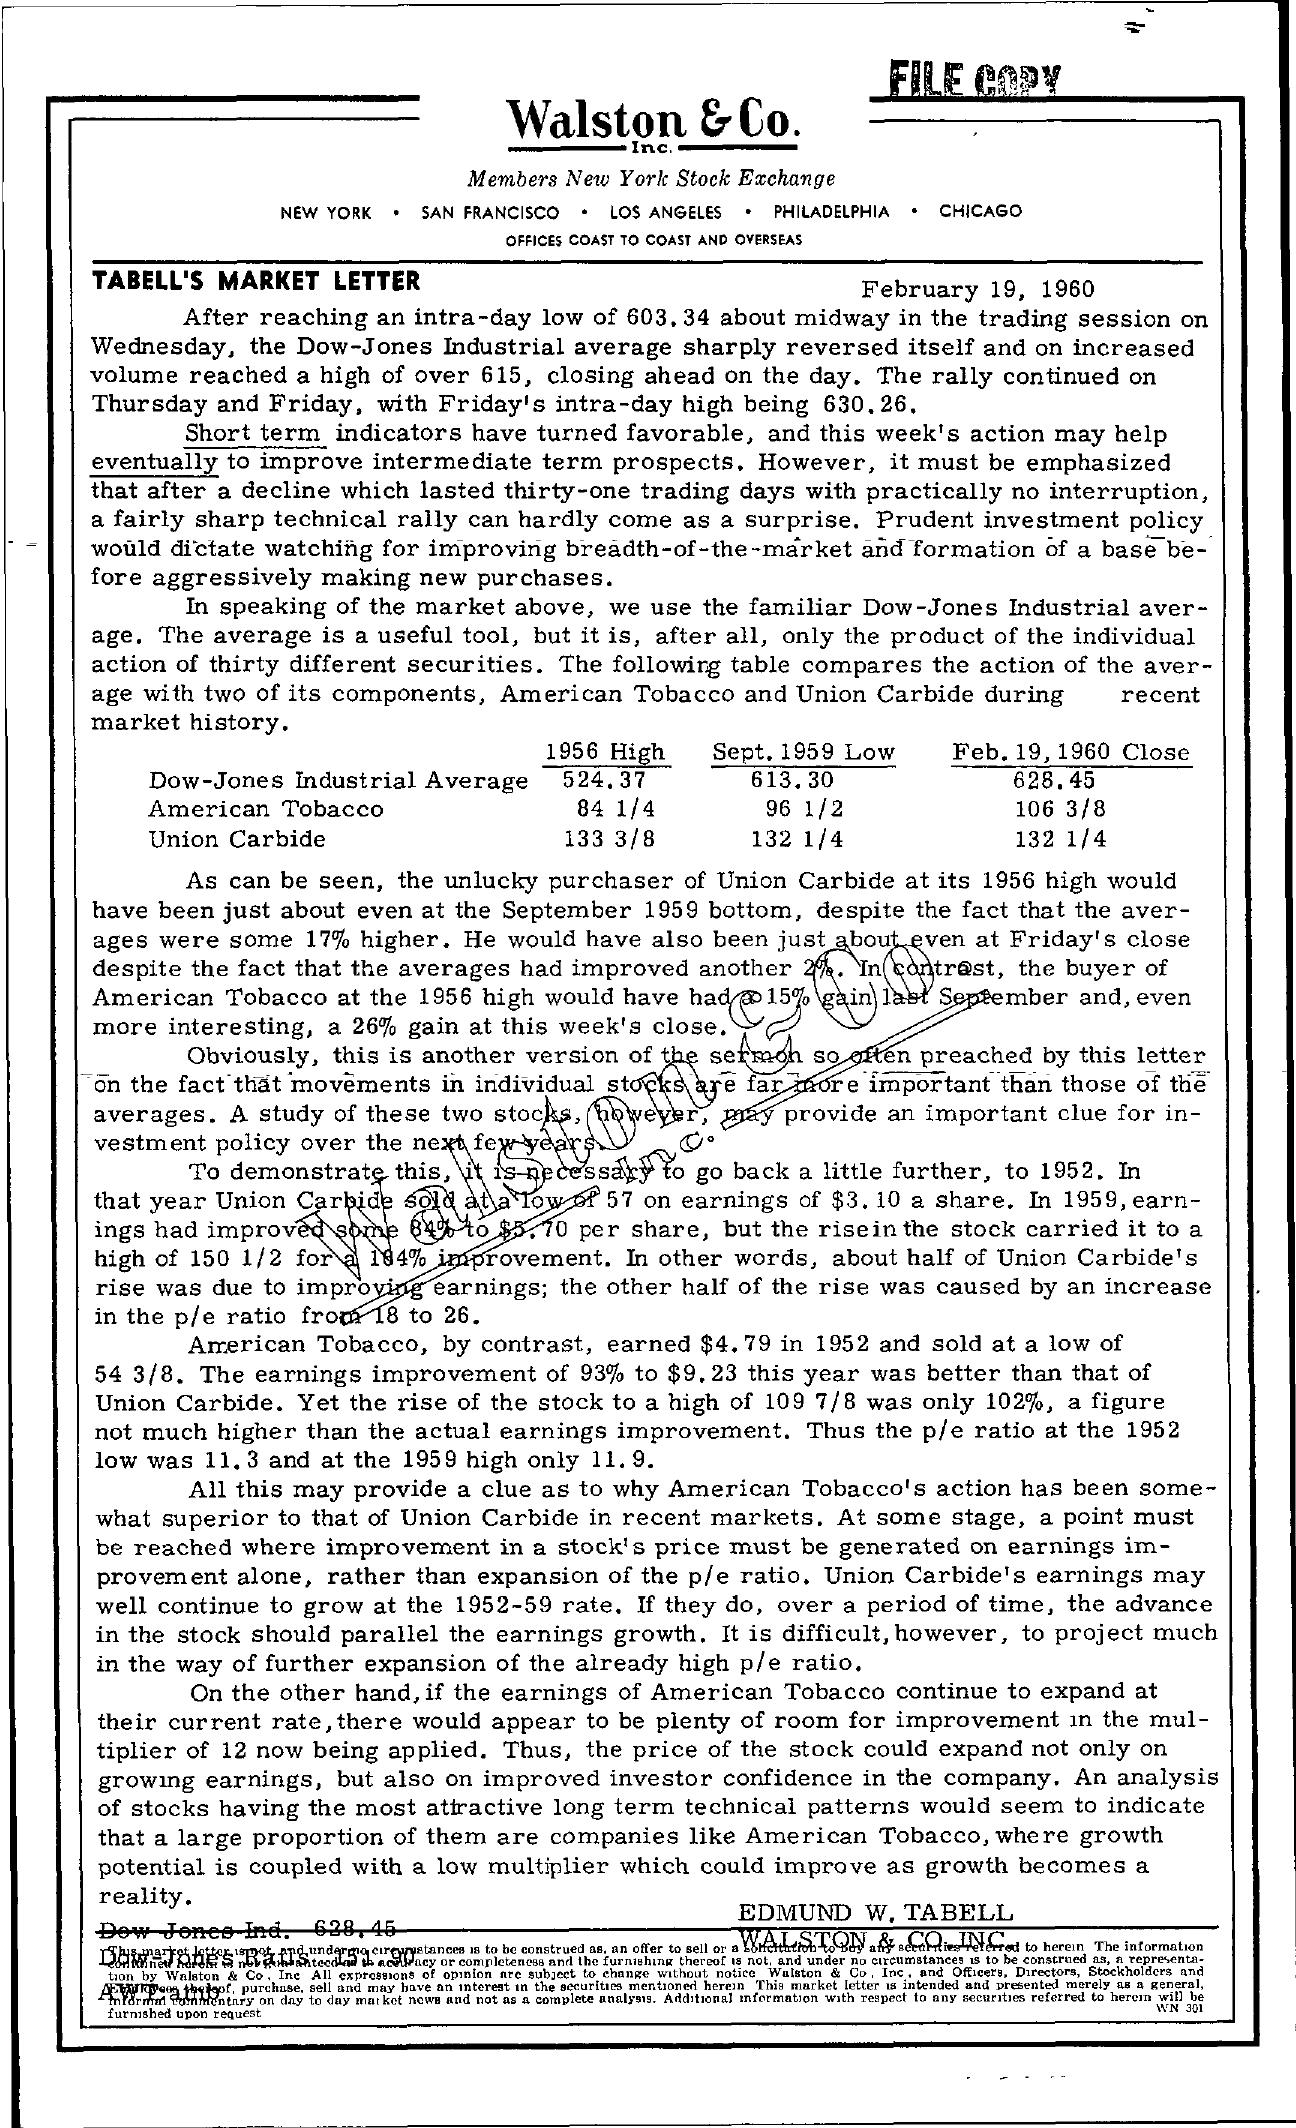 Tabell's Market Letter - February 19, 1960